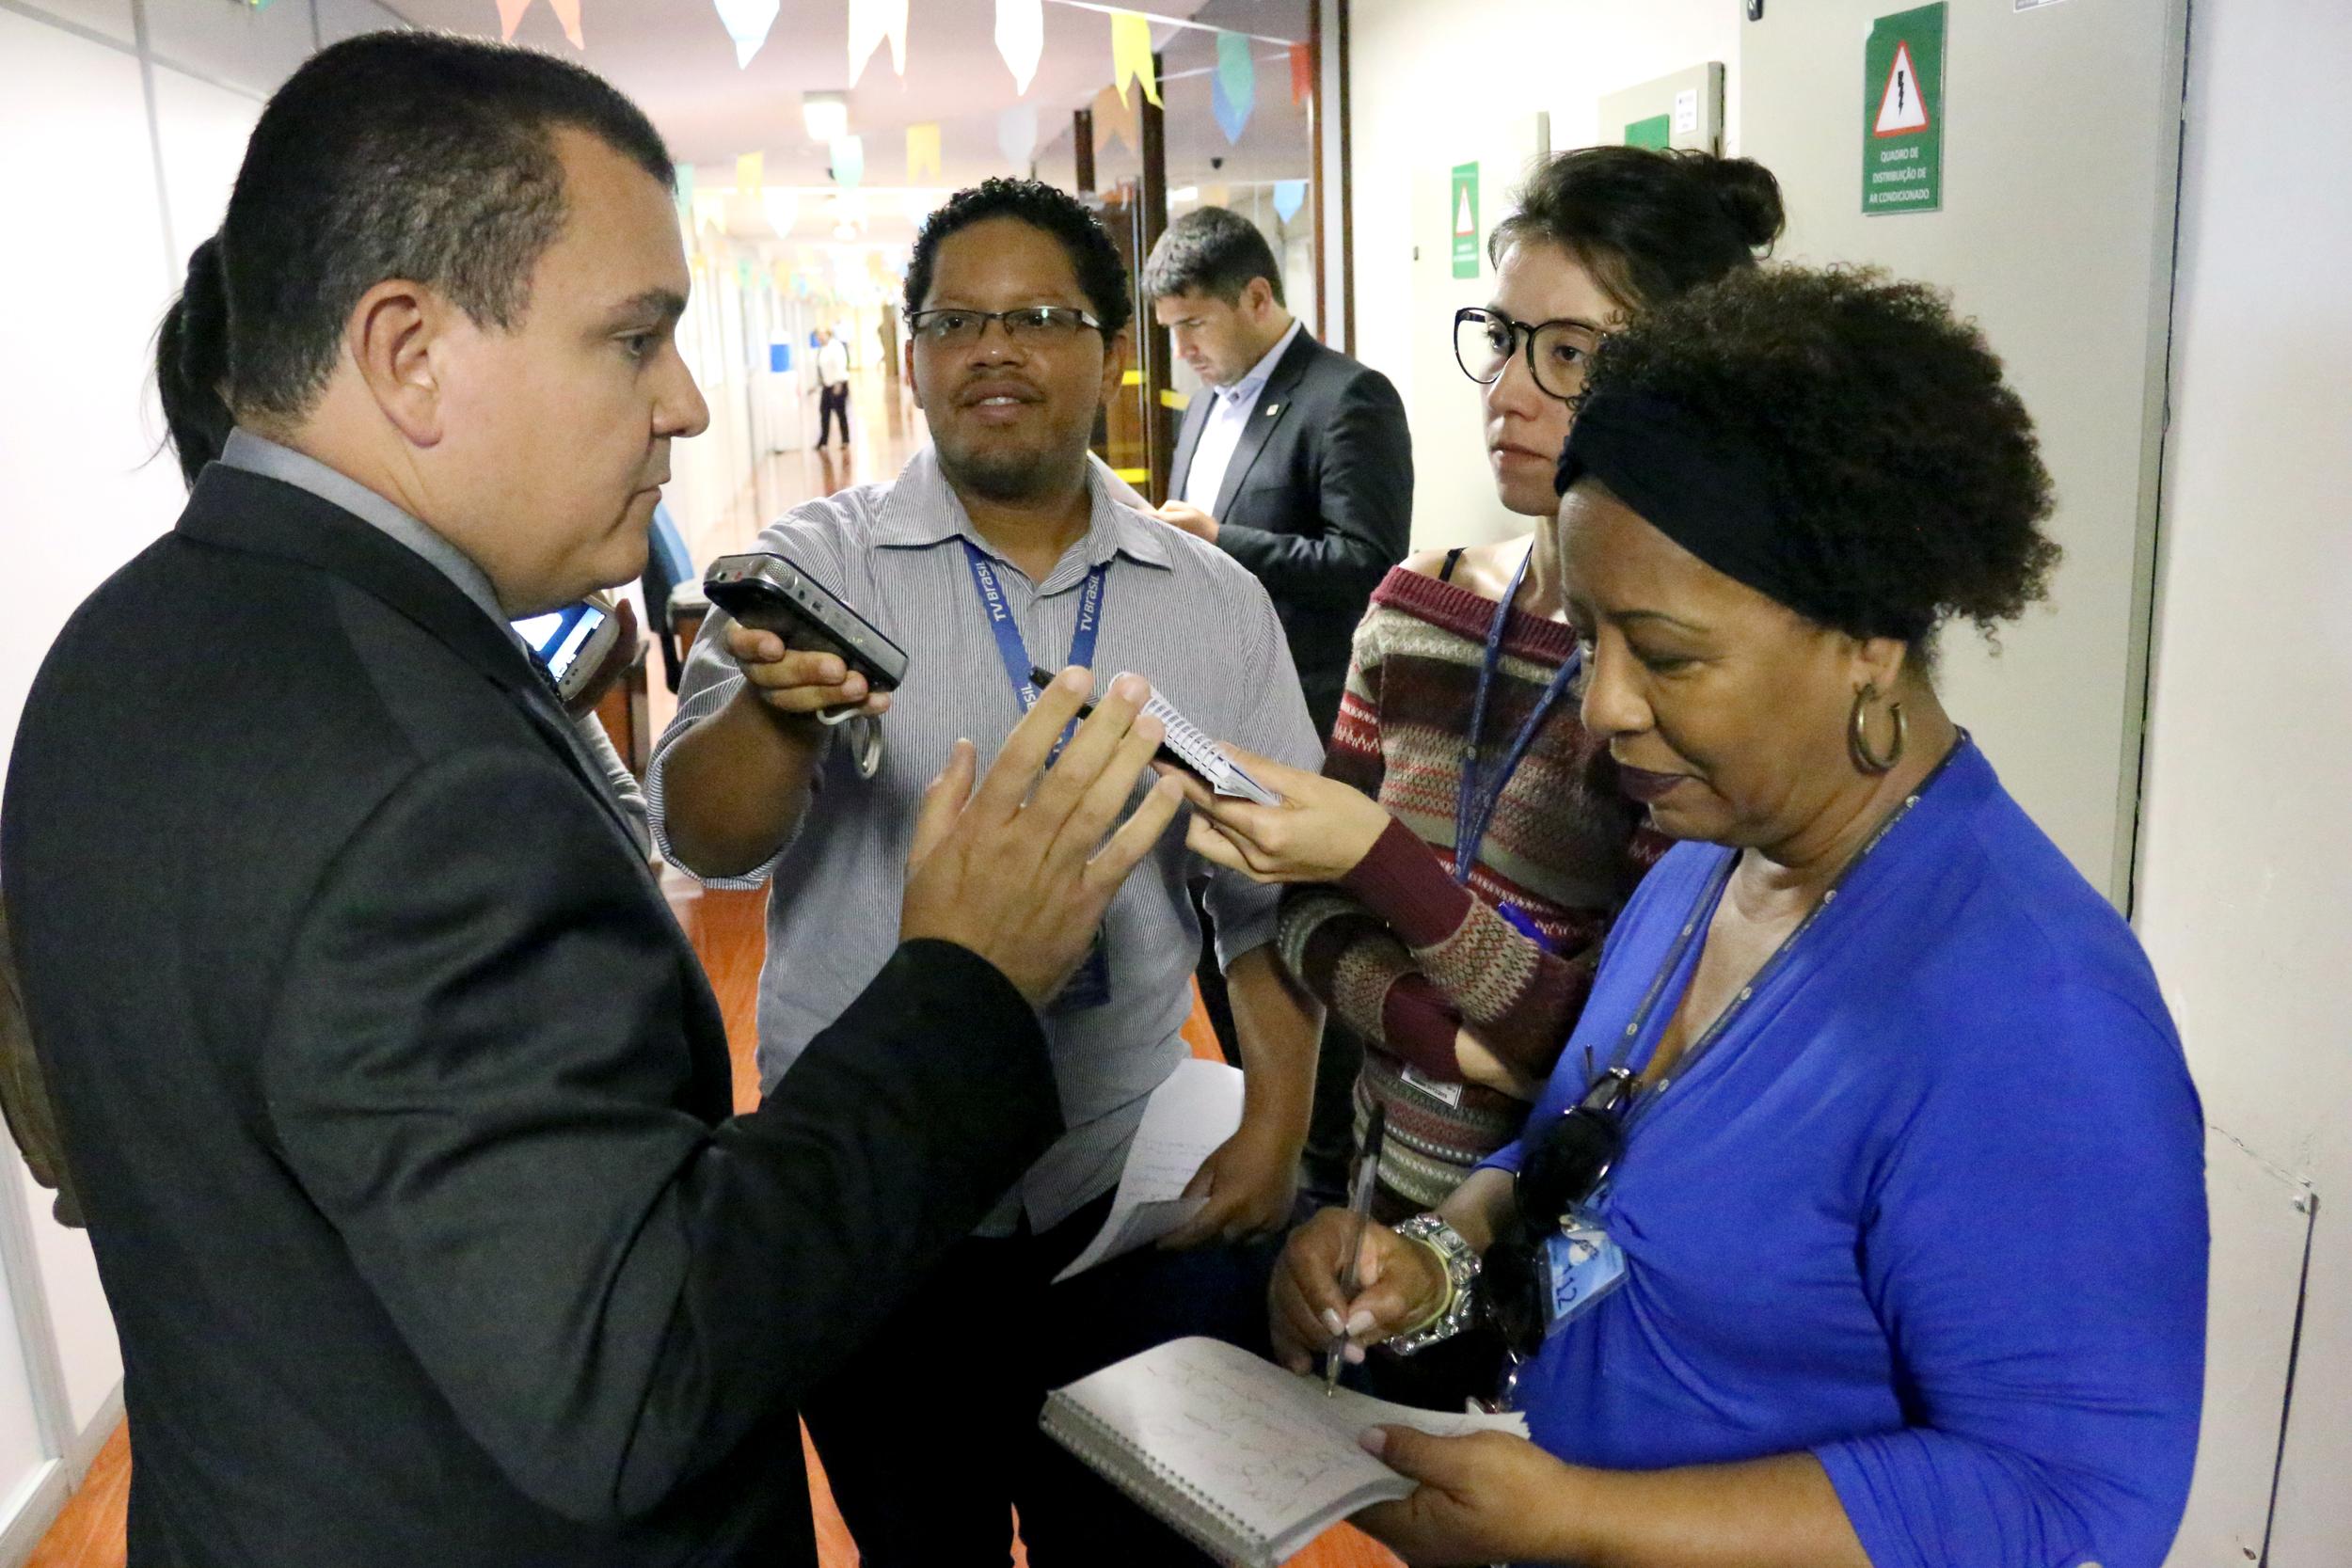 João Aurélio afirma a jornalistas importância da ocupação de cargos comissionados por servidores de carreira. (Foto: Filipe Calmon / ANESP)